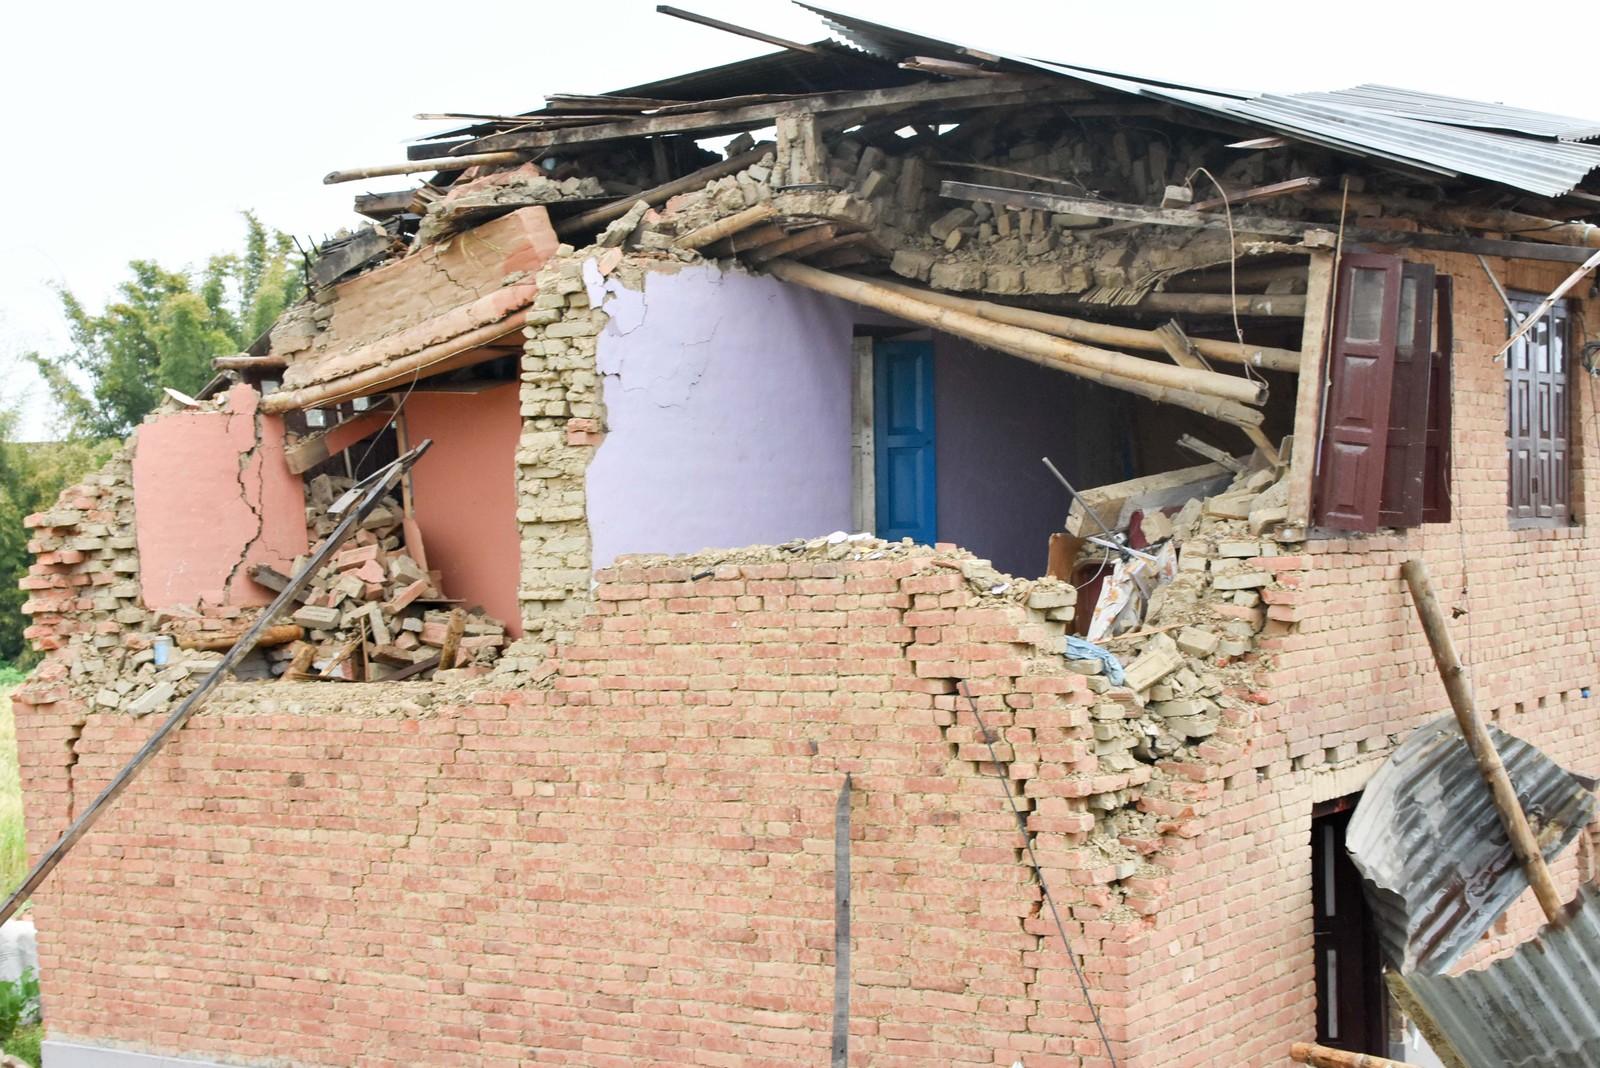 Sammenraste hus i landsbyen Sikaritar.